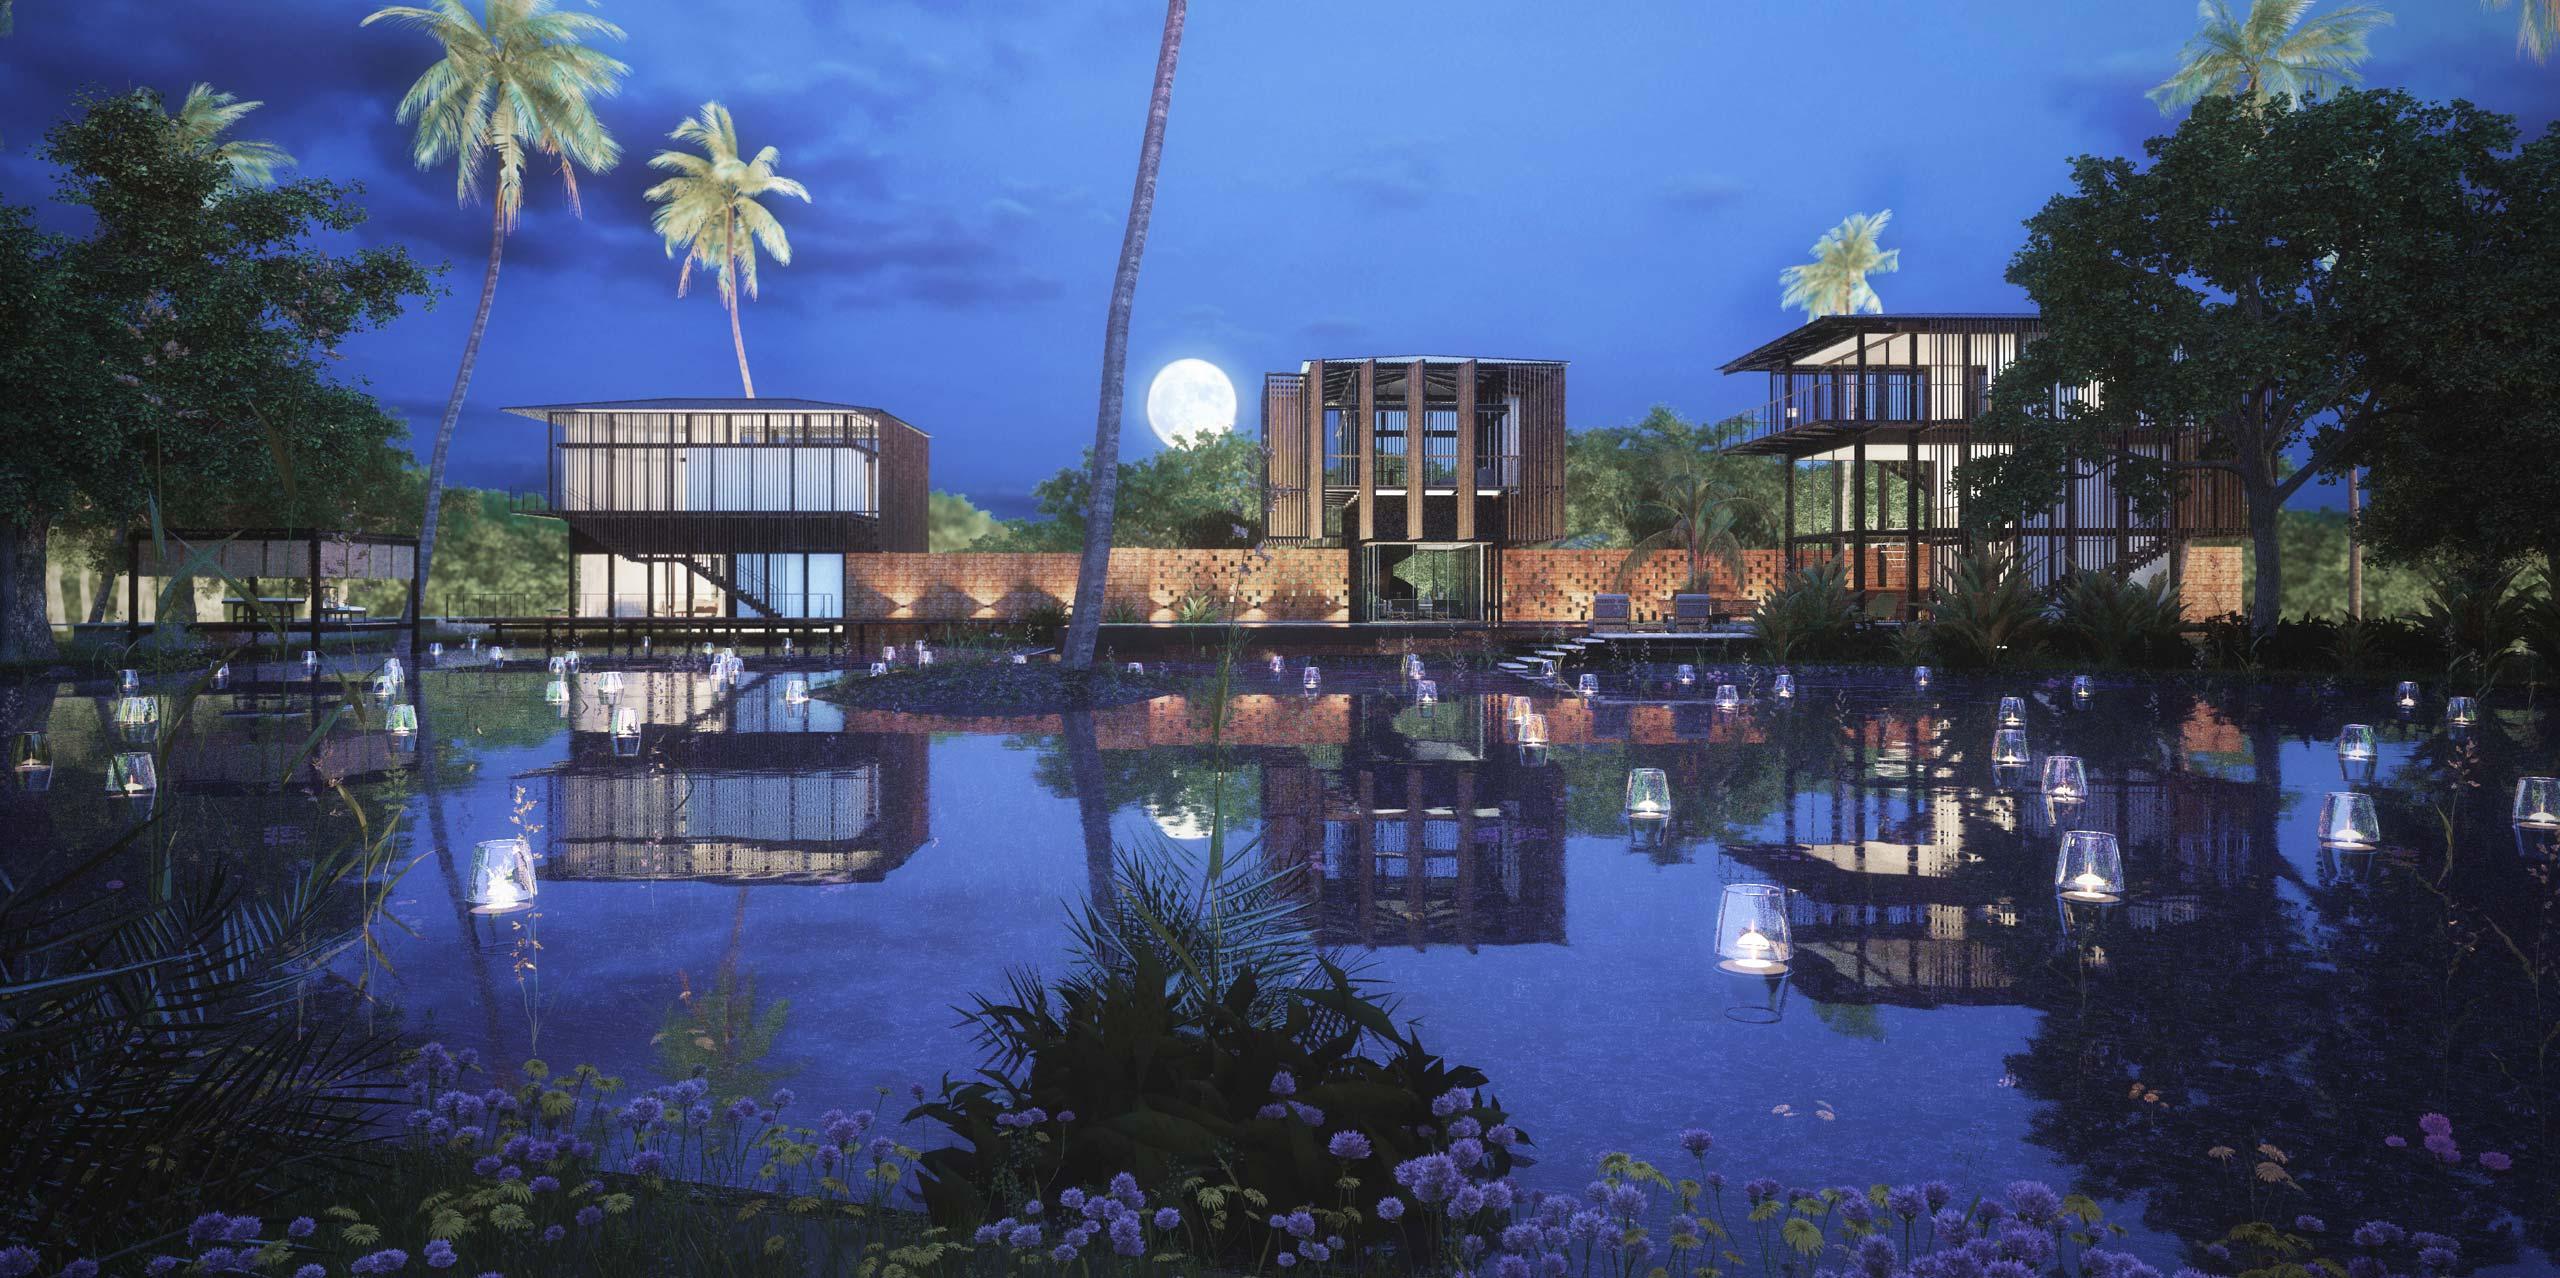 night view of Waikiki Wetland Resort